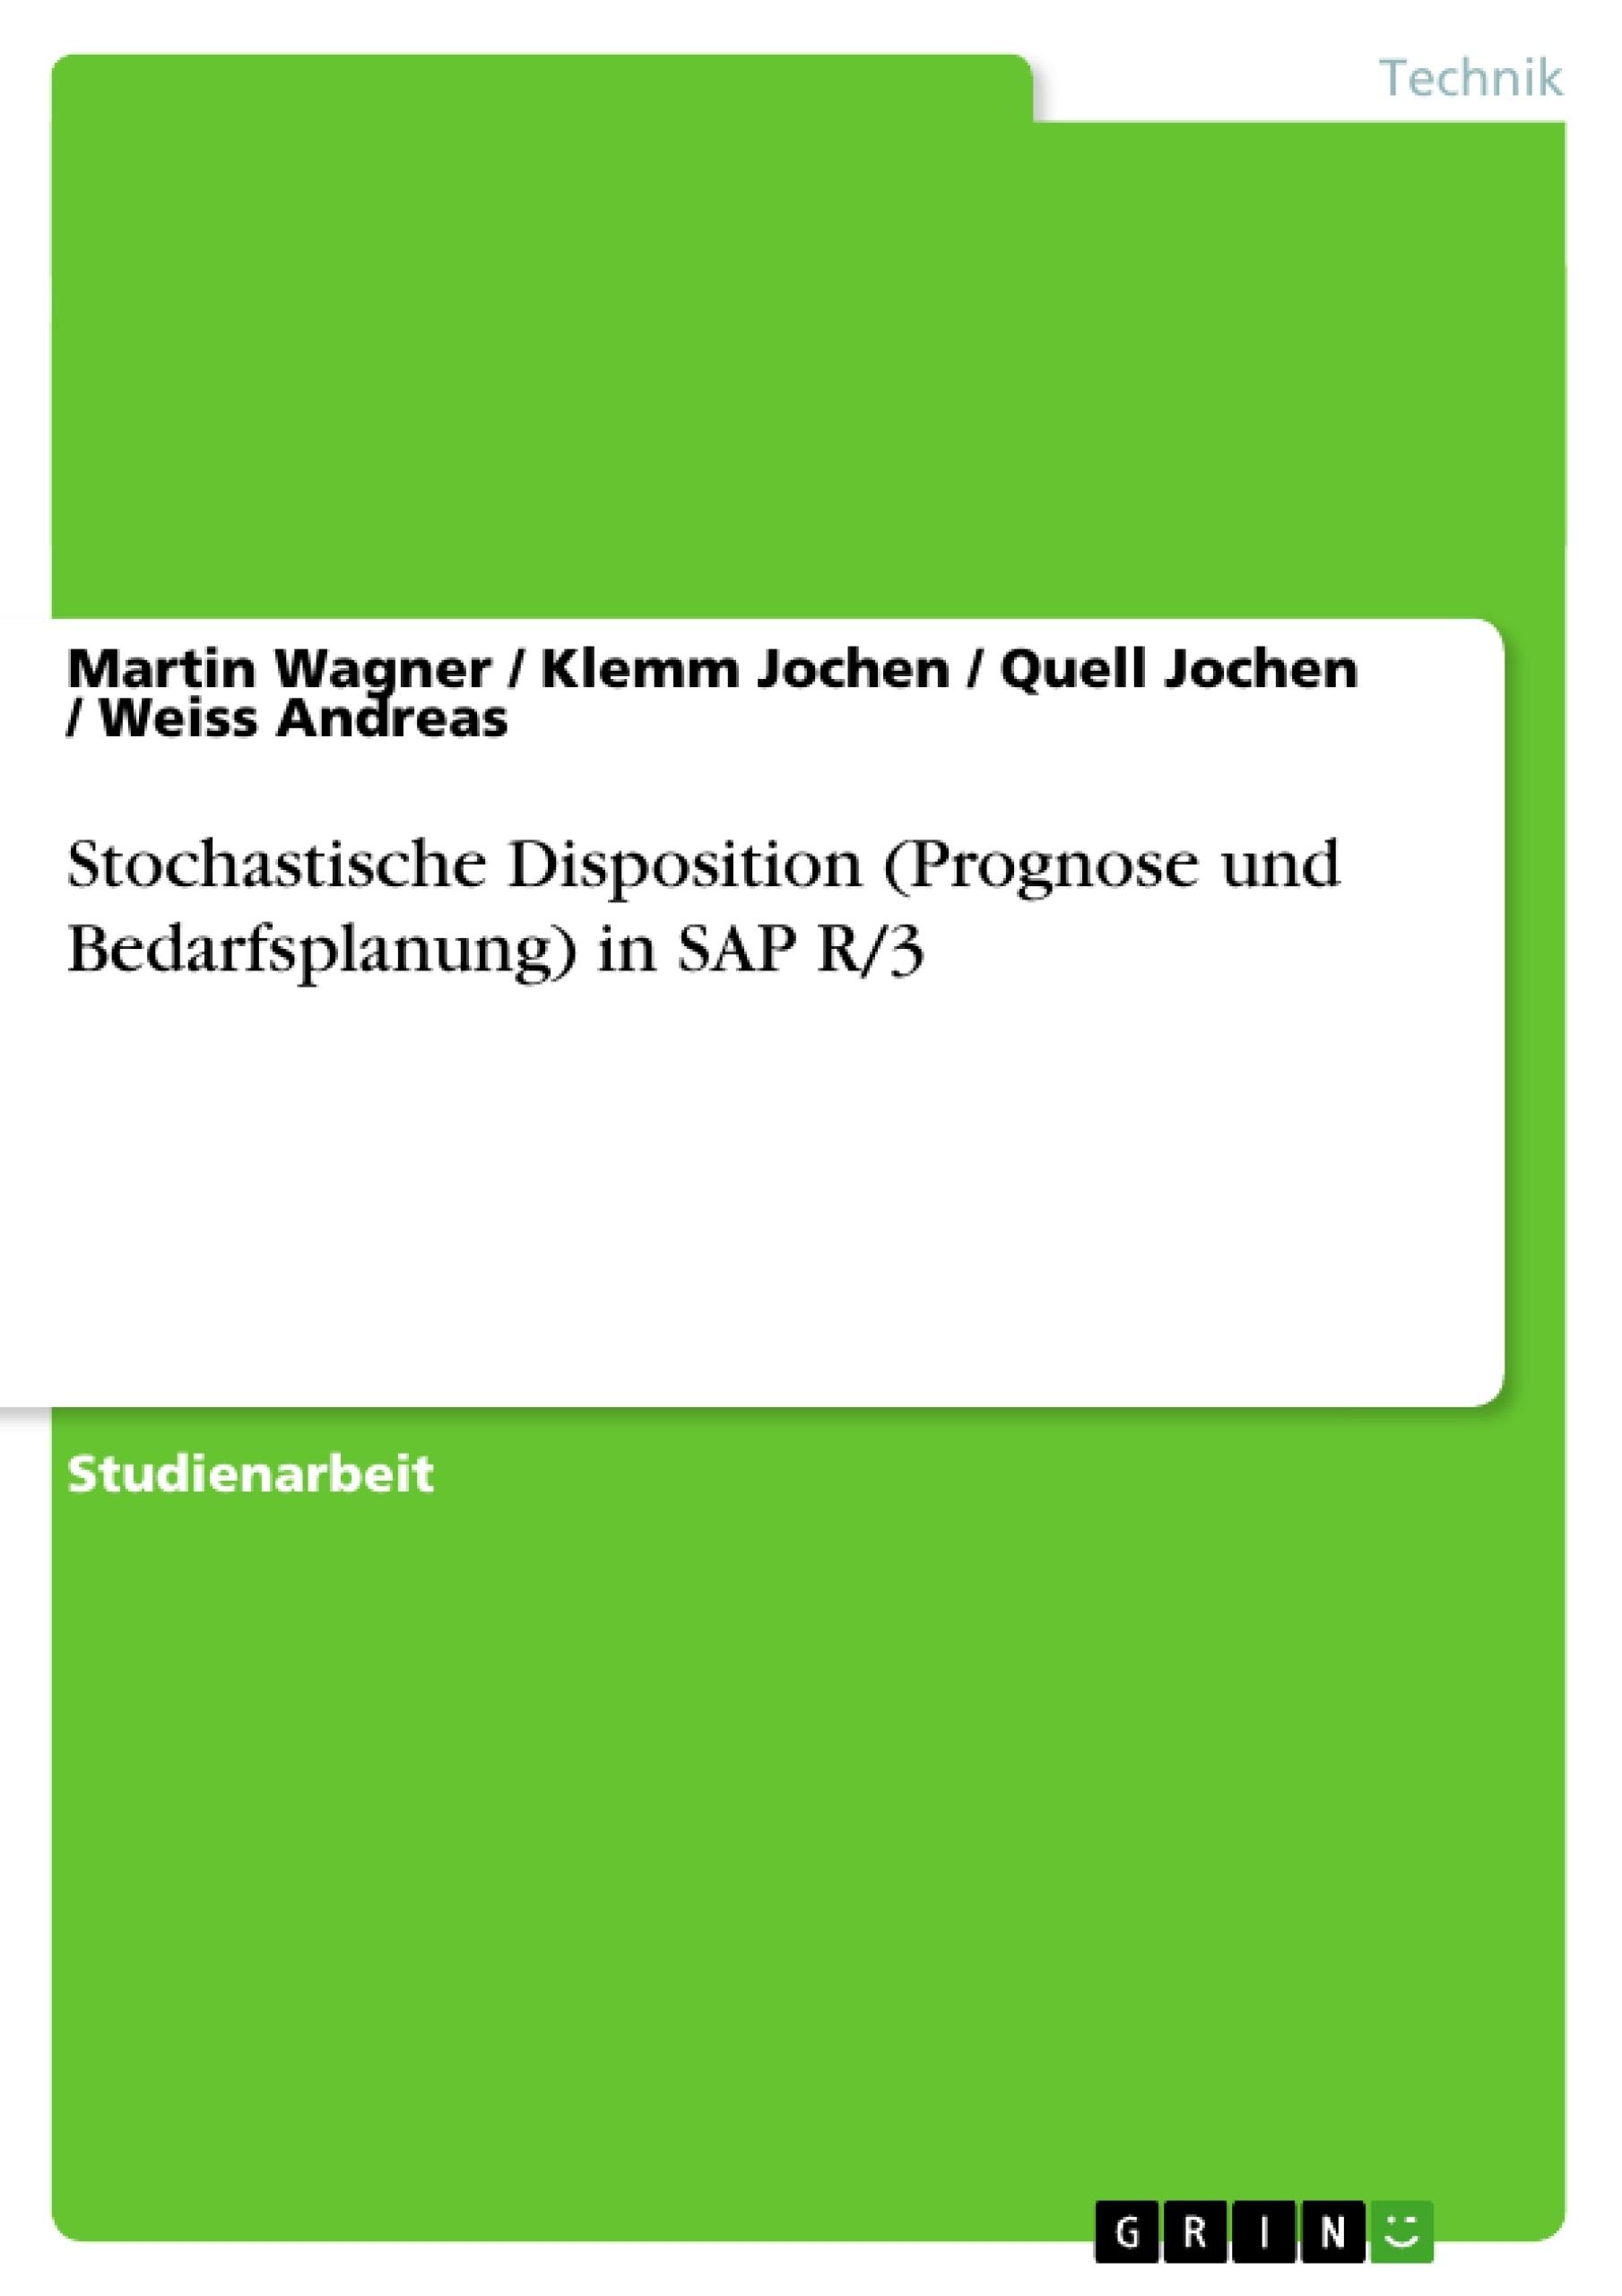 Titel: Stochastische Disposition (Prognose und Bedarfsplanung) in SAP R/3